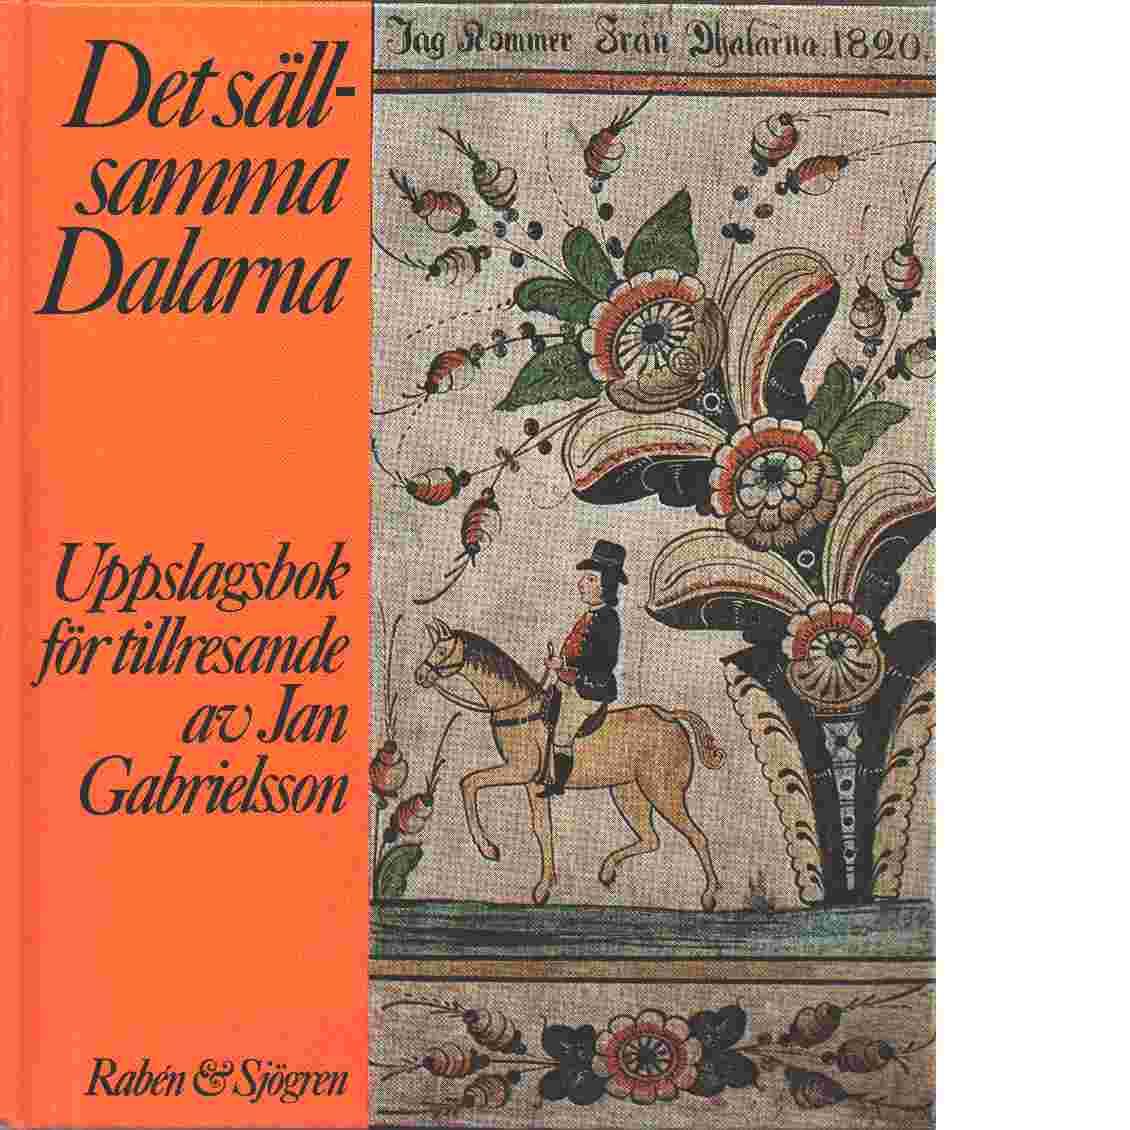 Det sällsamma Dalarna : uppslagsbok för tillresande - Gabrielsson, Jan